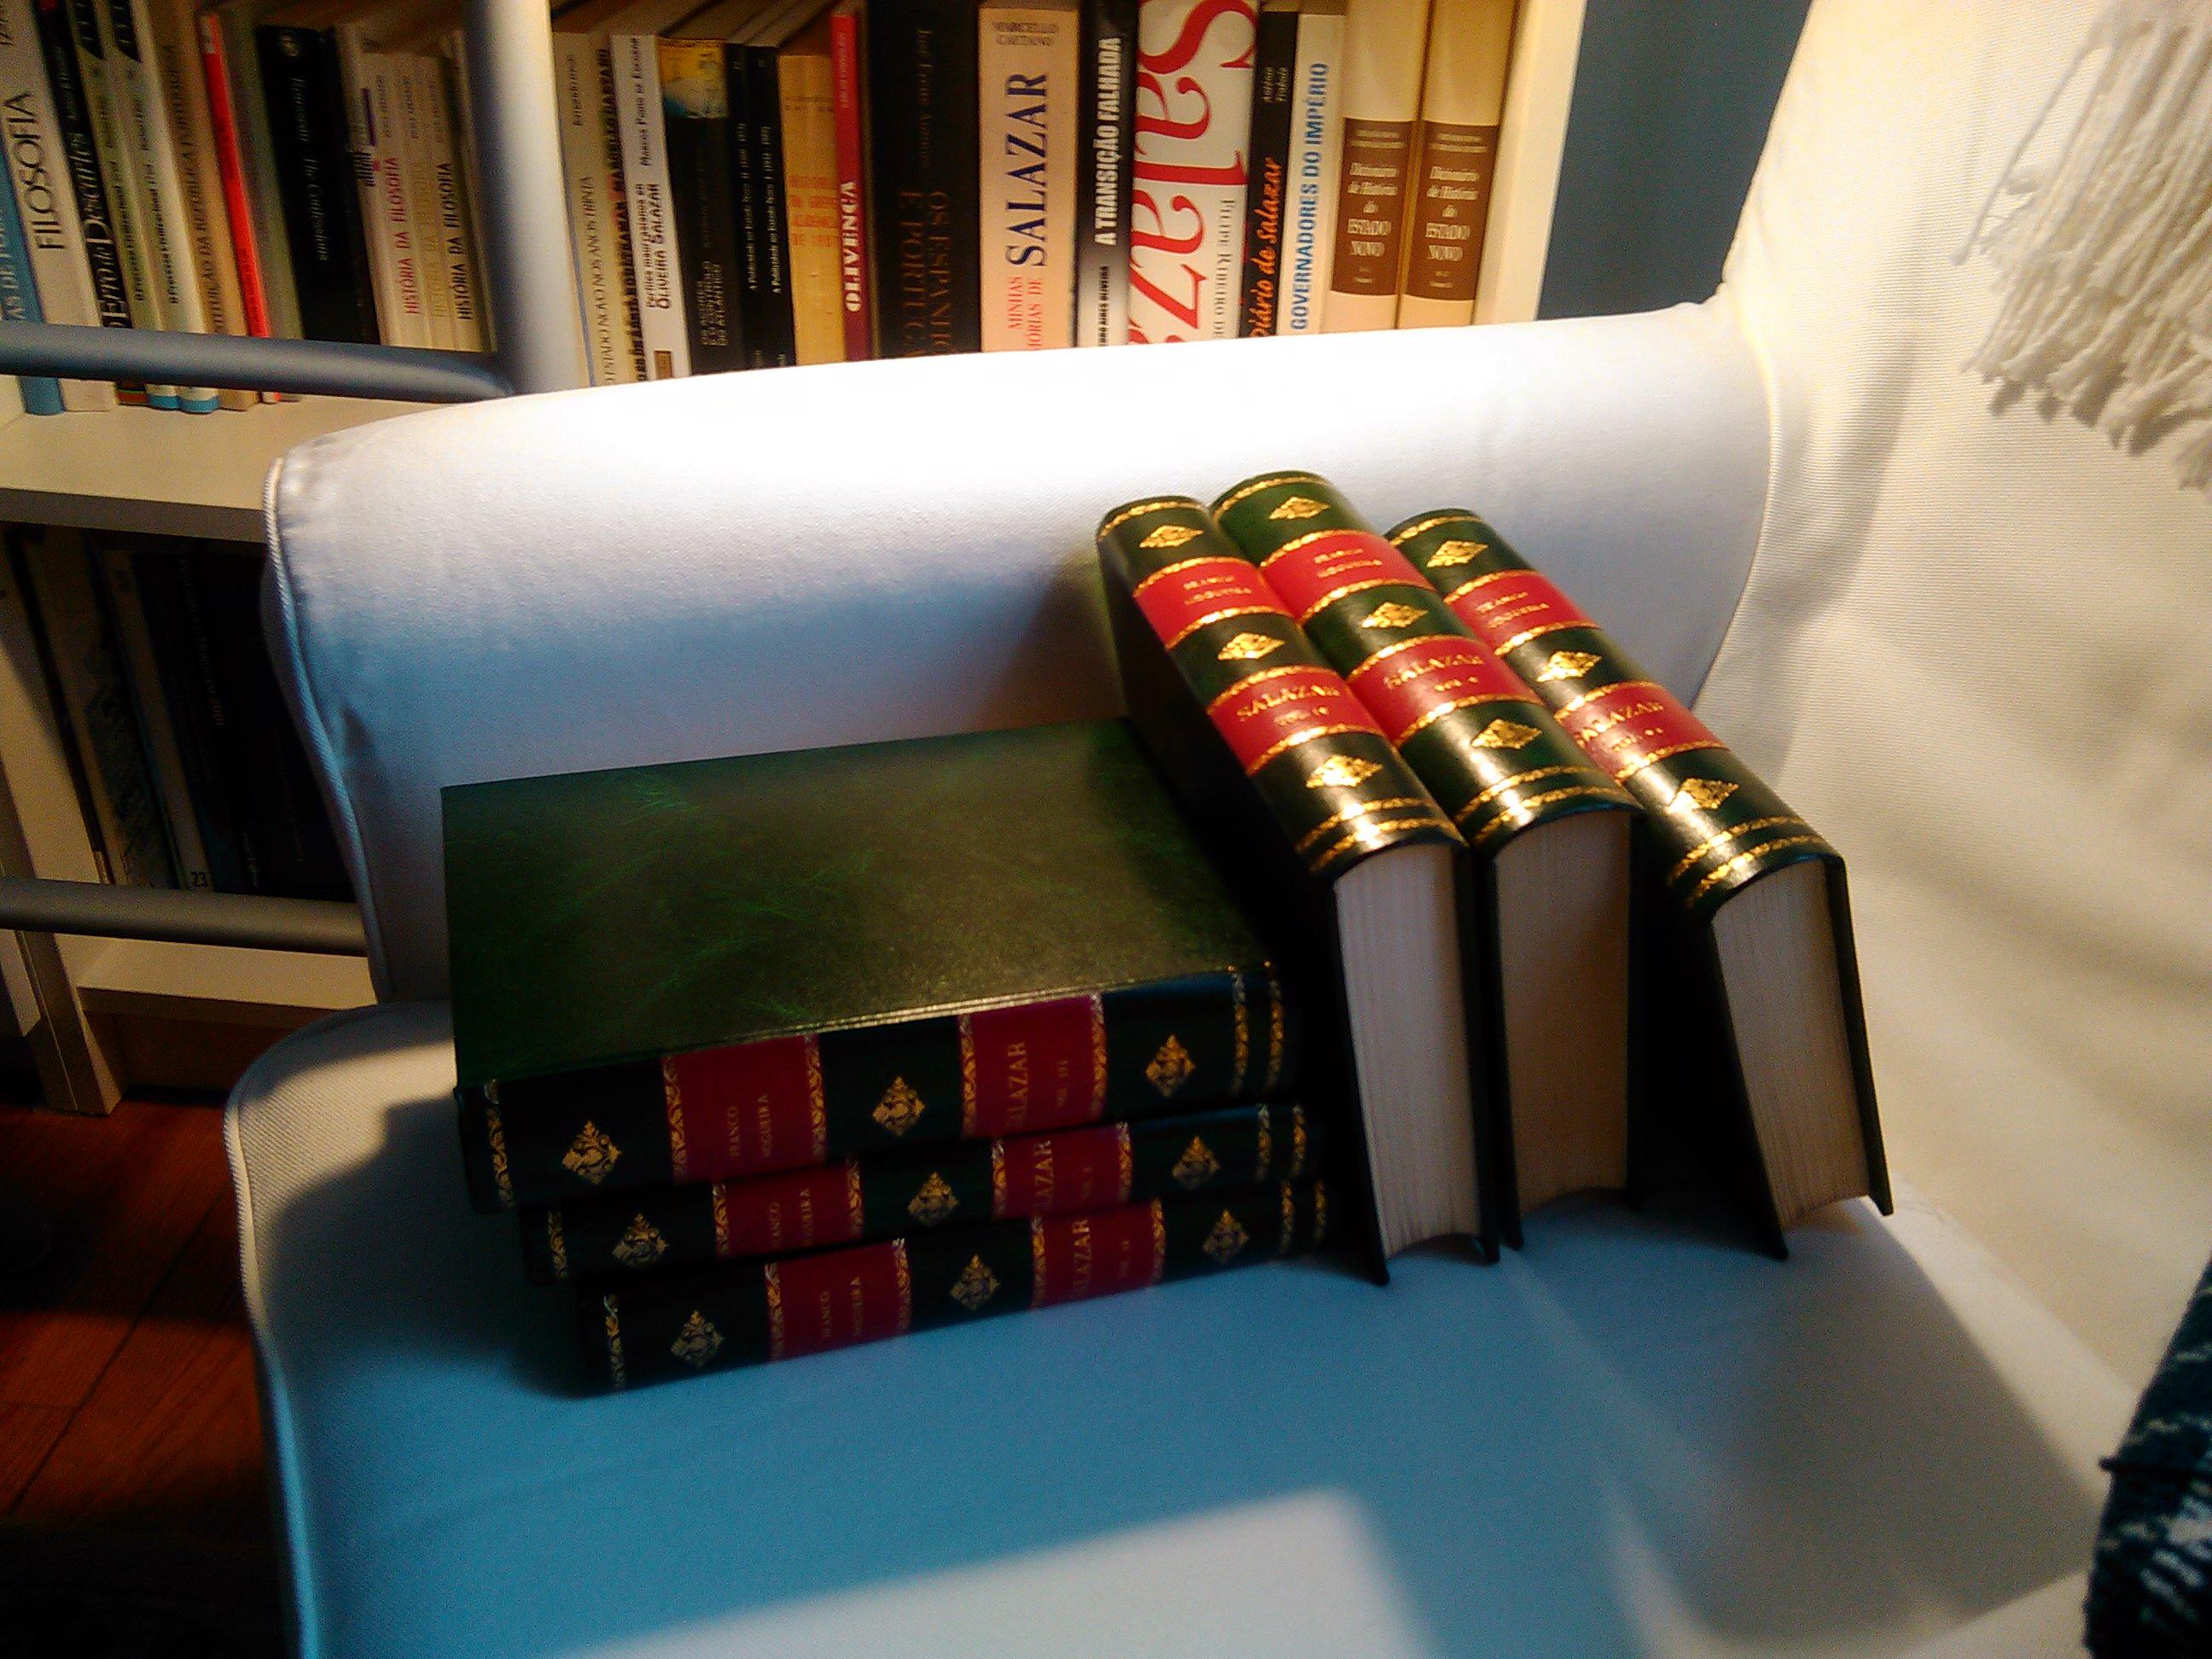 Franco Nogueira, Salazar, 6 vols., Coimbra/Porto, Atlântida/Civilização, 1977-1985